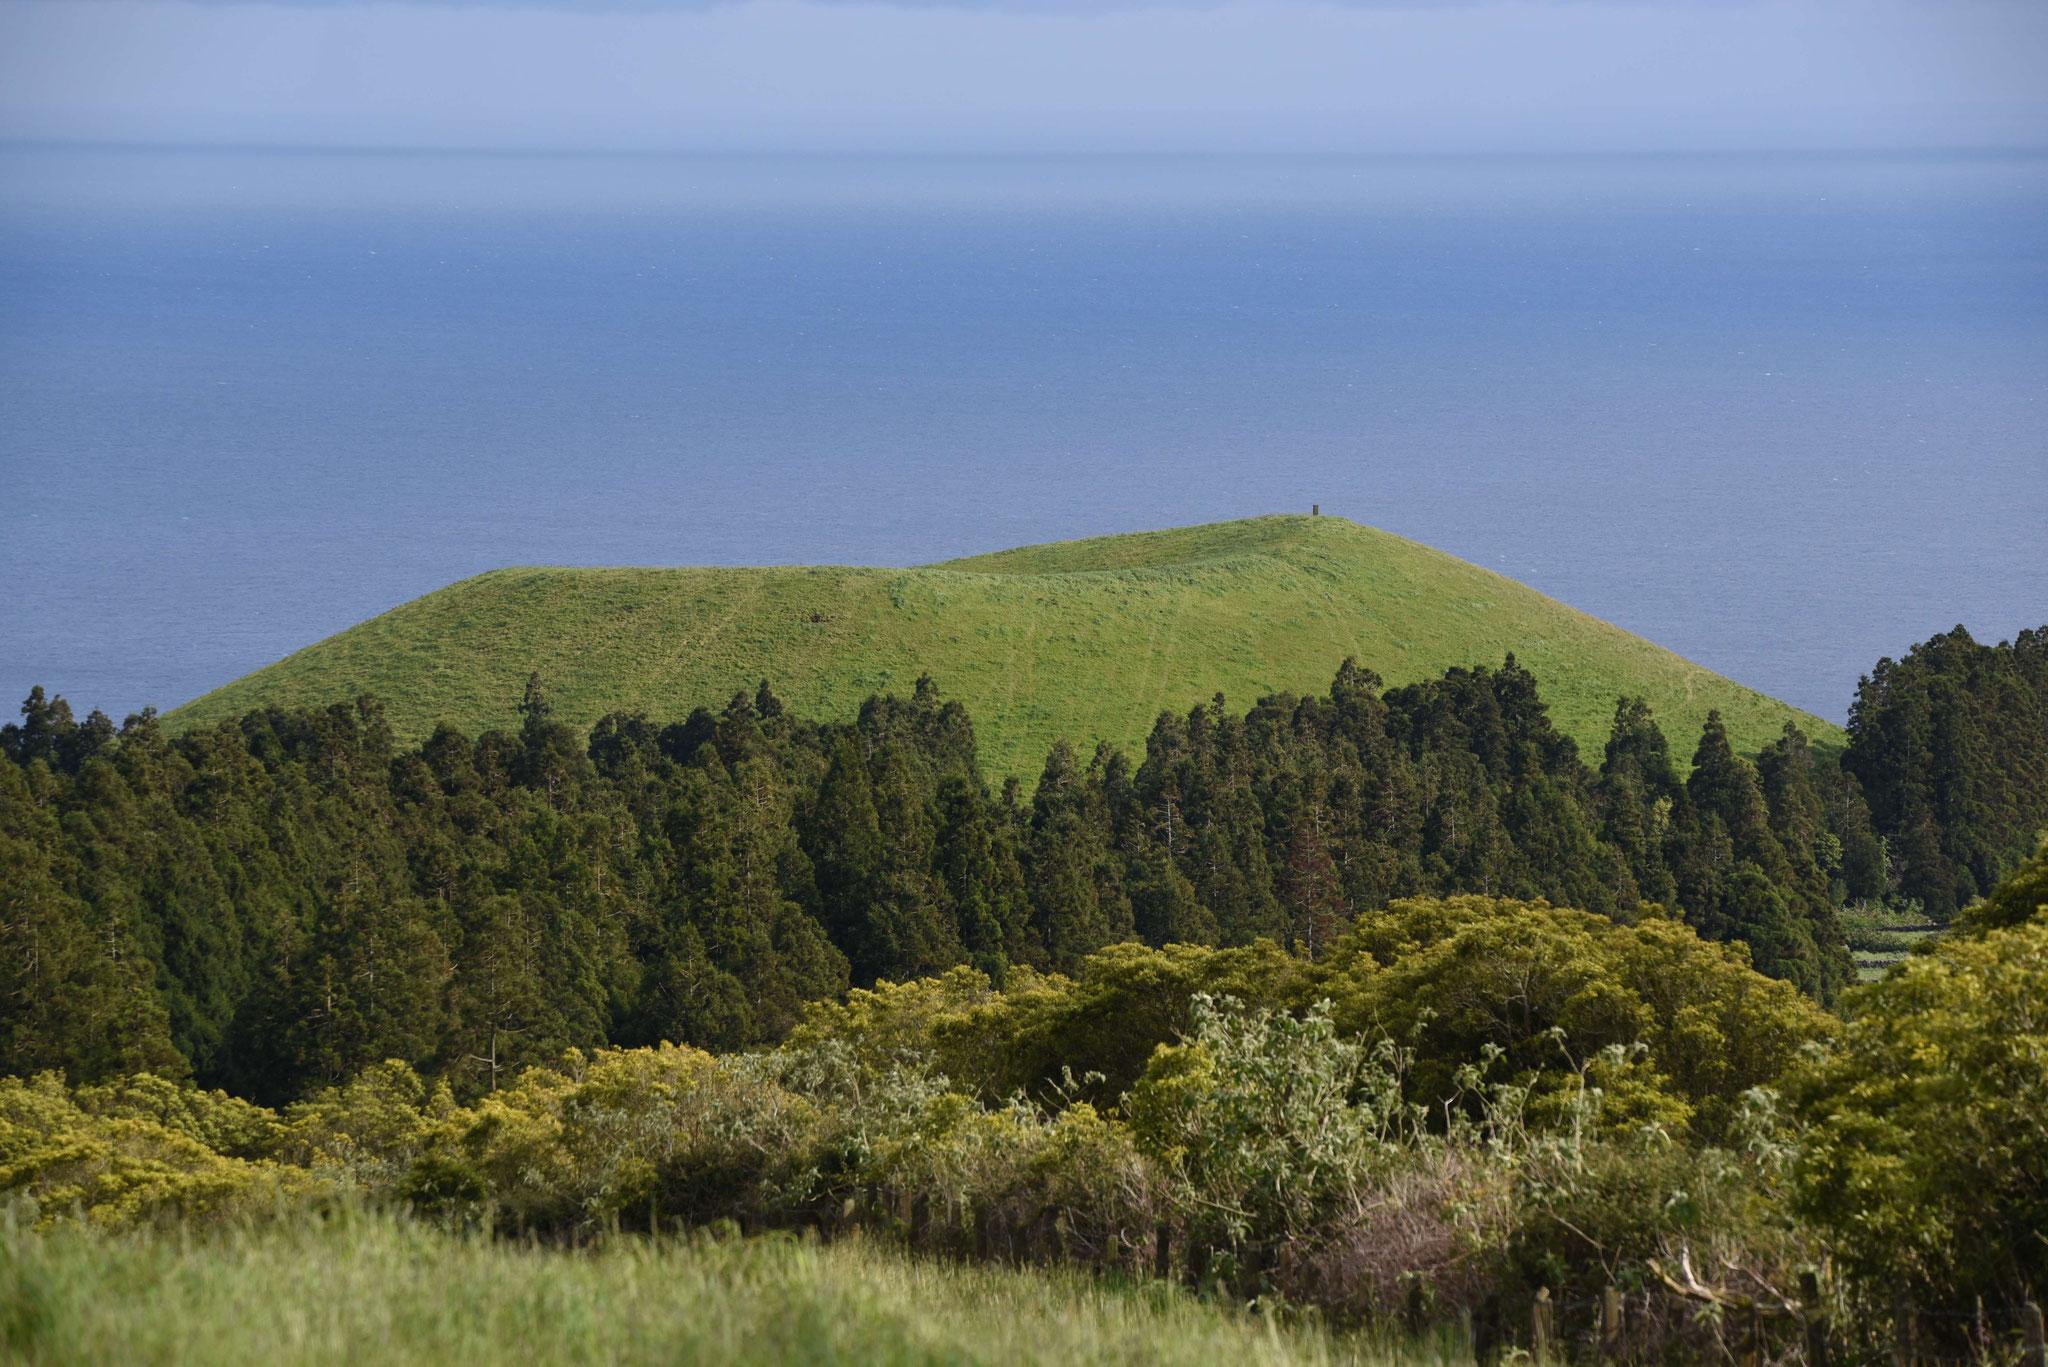 Vulkankrater südlich der Serra de Santa Barbara